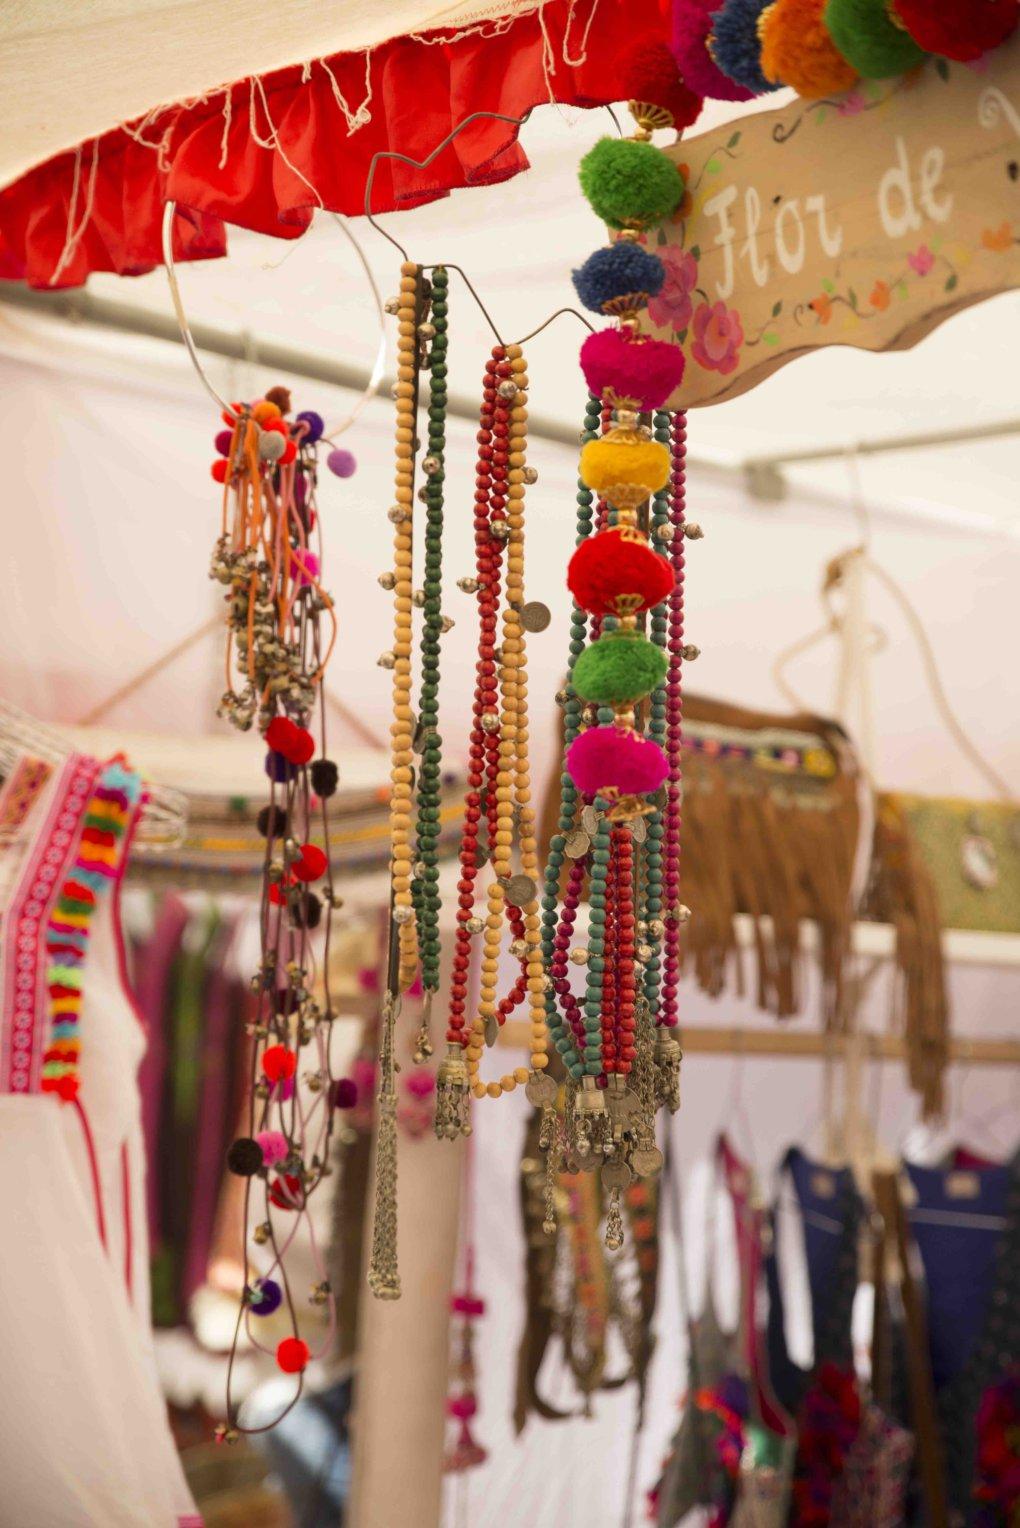 Las Dalias Hippie Market